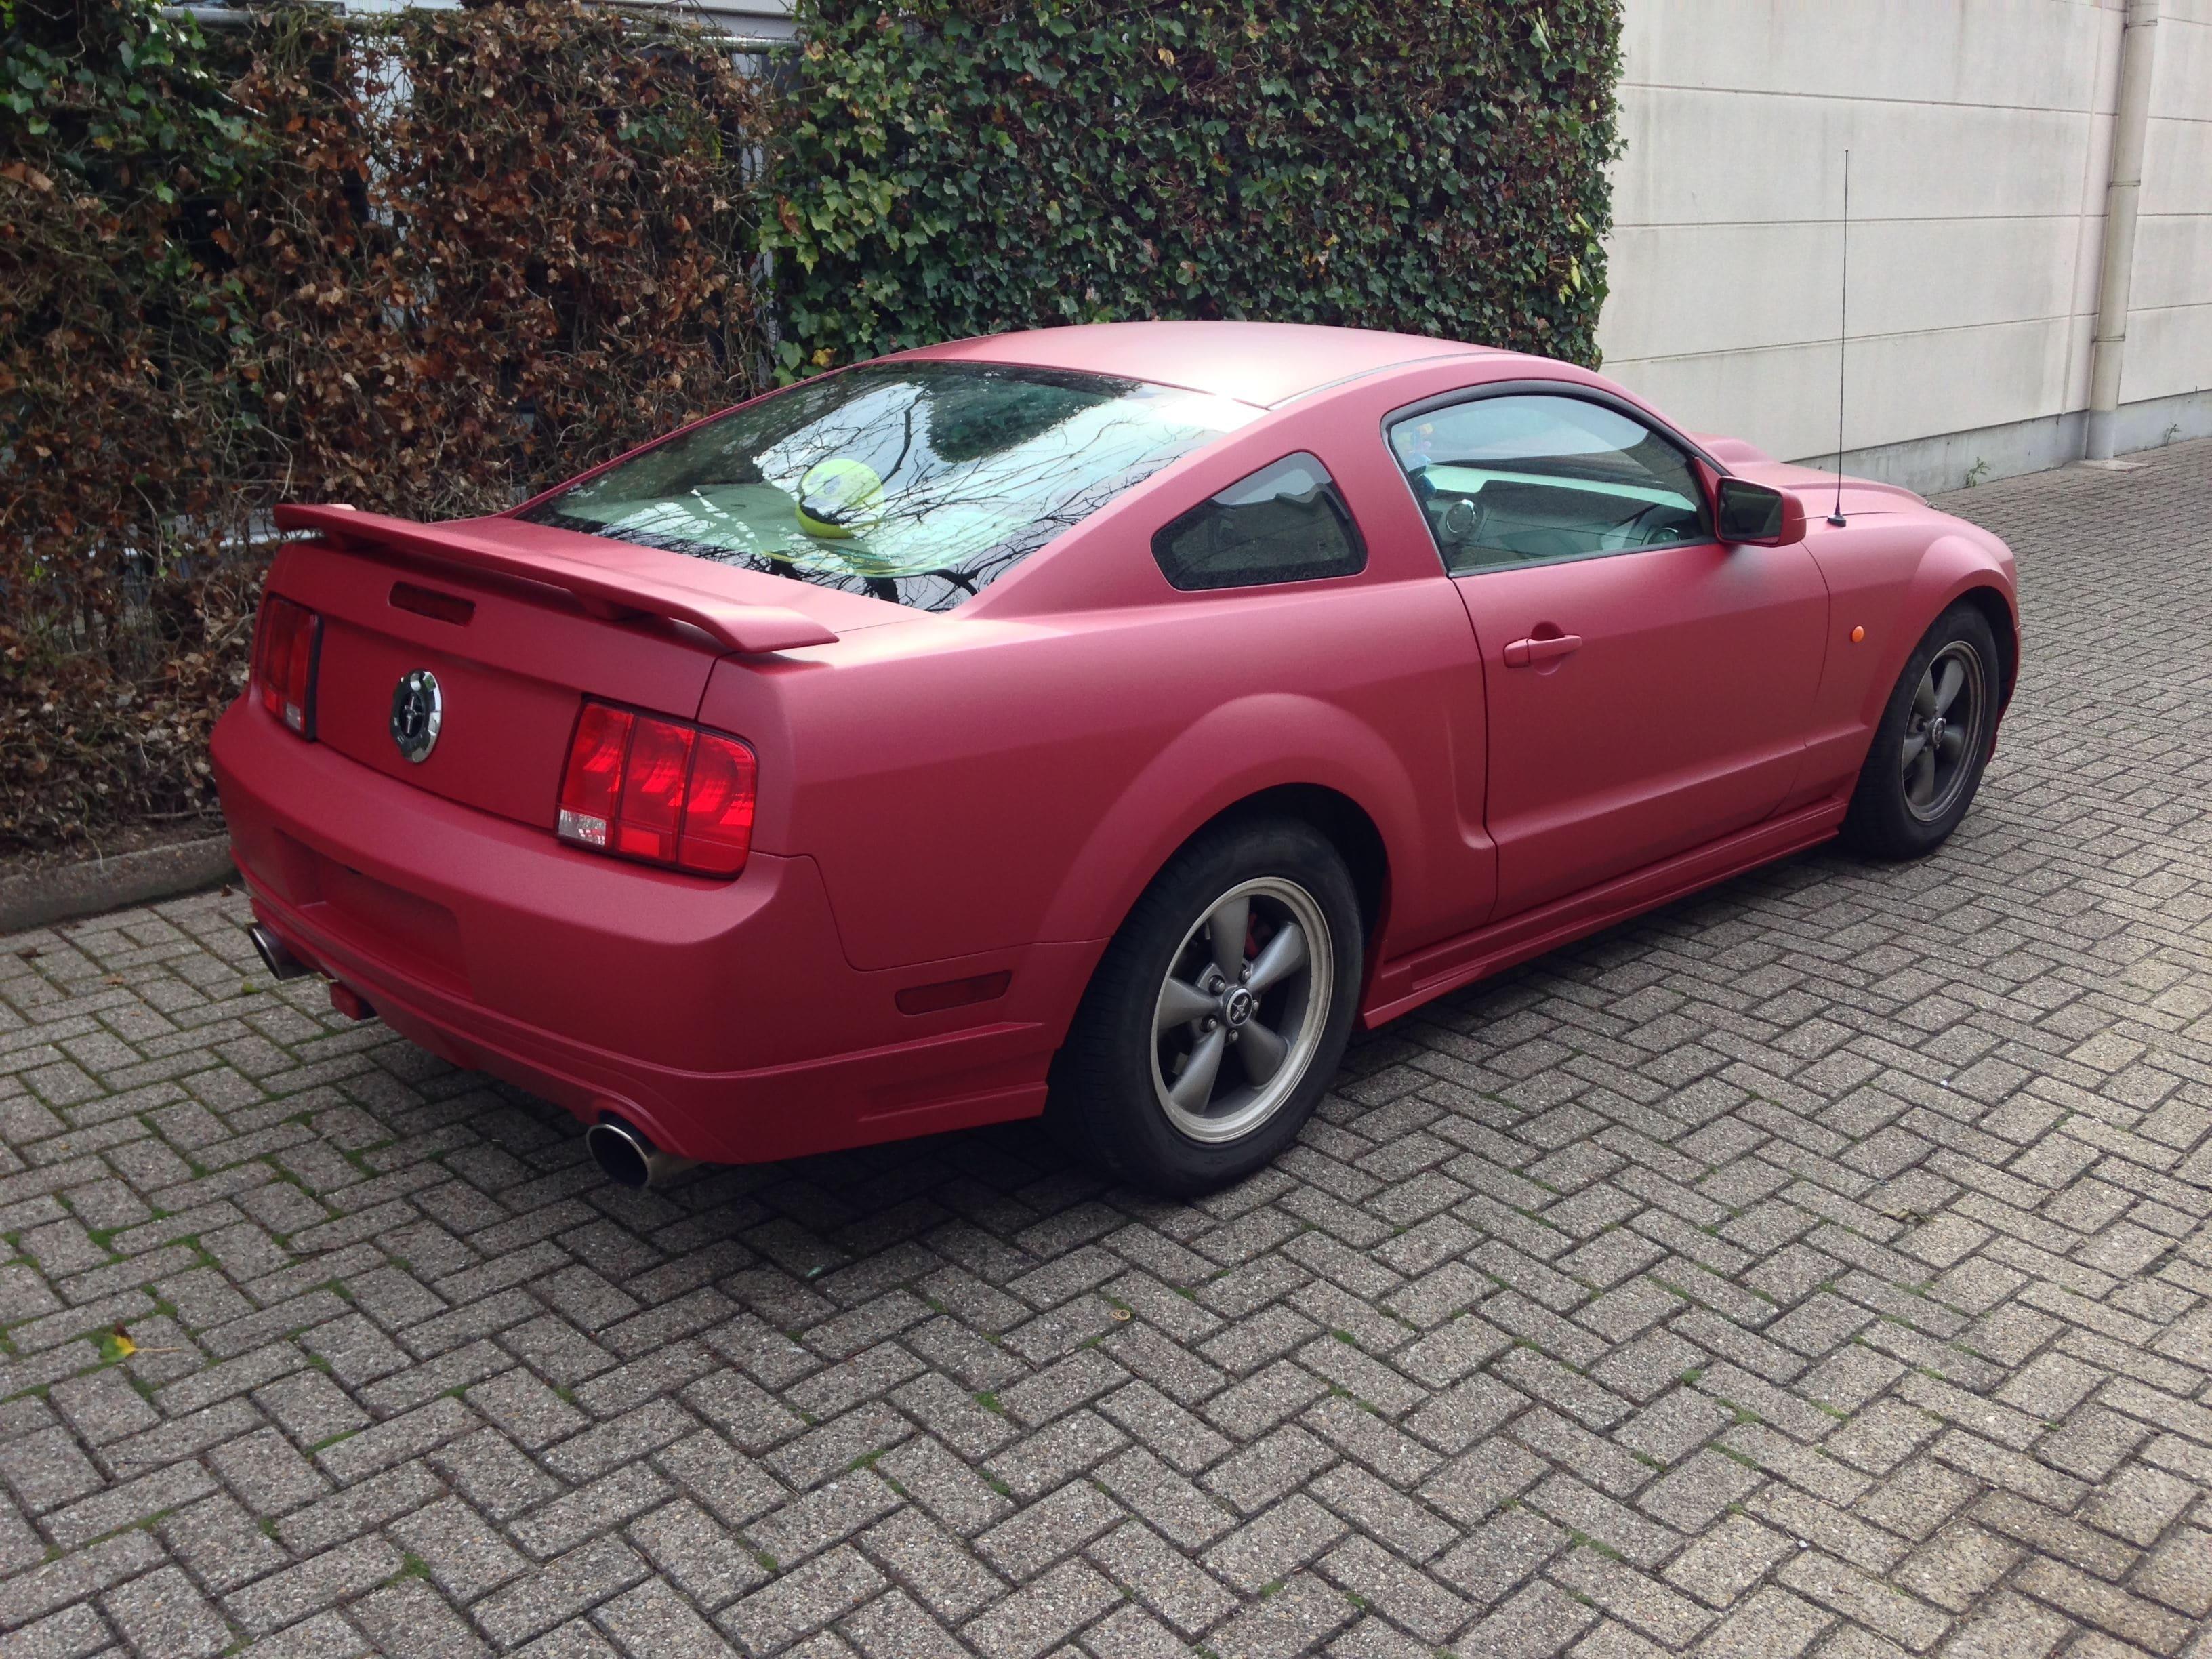 Ford Mustang 2009 met Mat Rode wrap, Carwrapping door Wrapmyride.nu Foto-nr:5832, ©2020